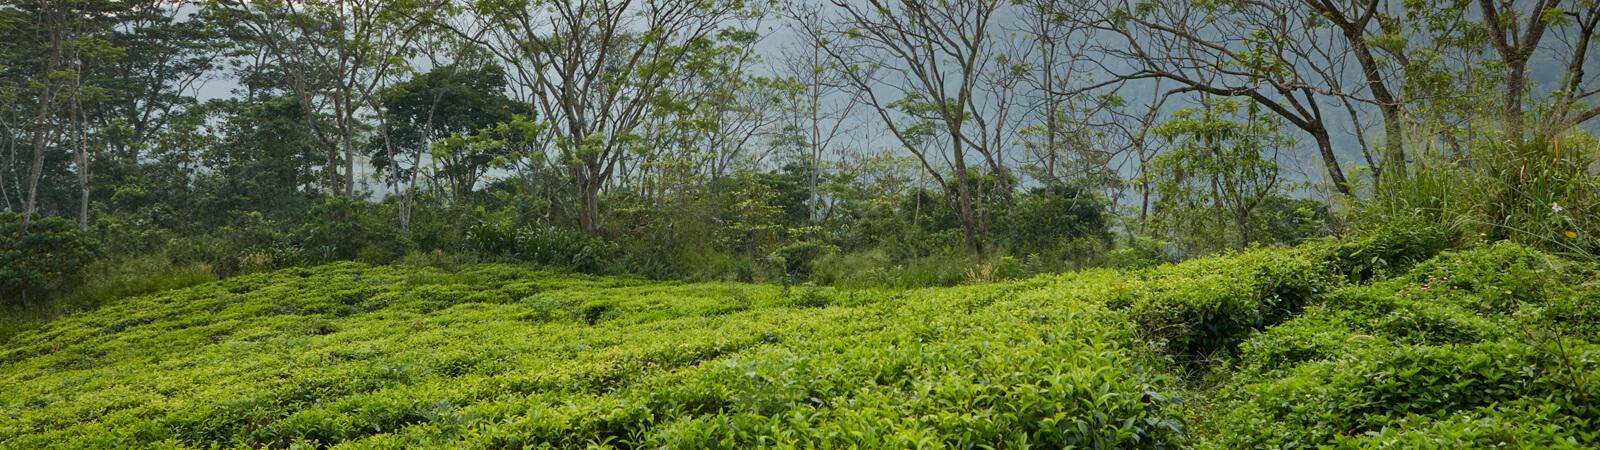 Our Tea Gardens